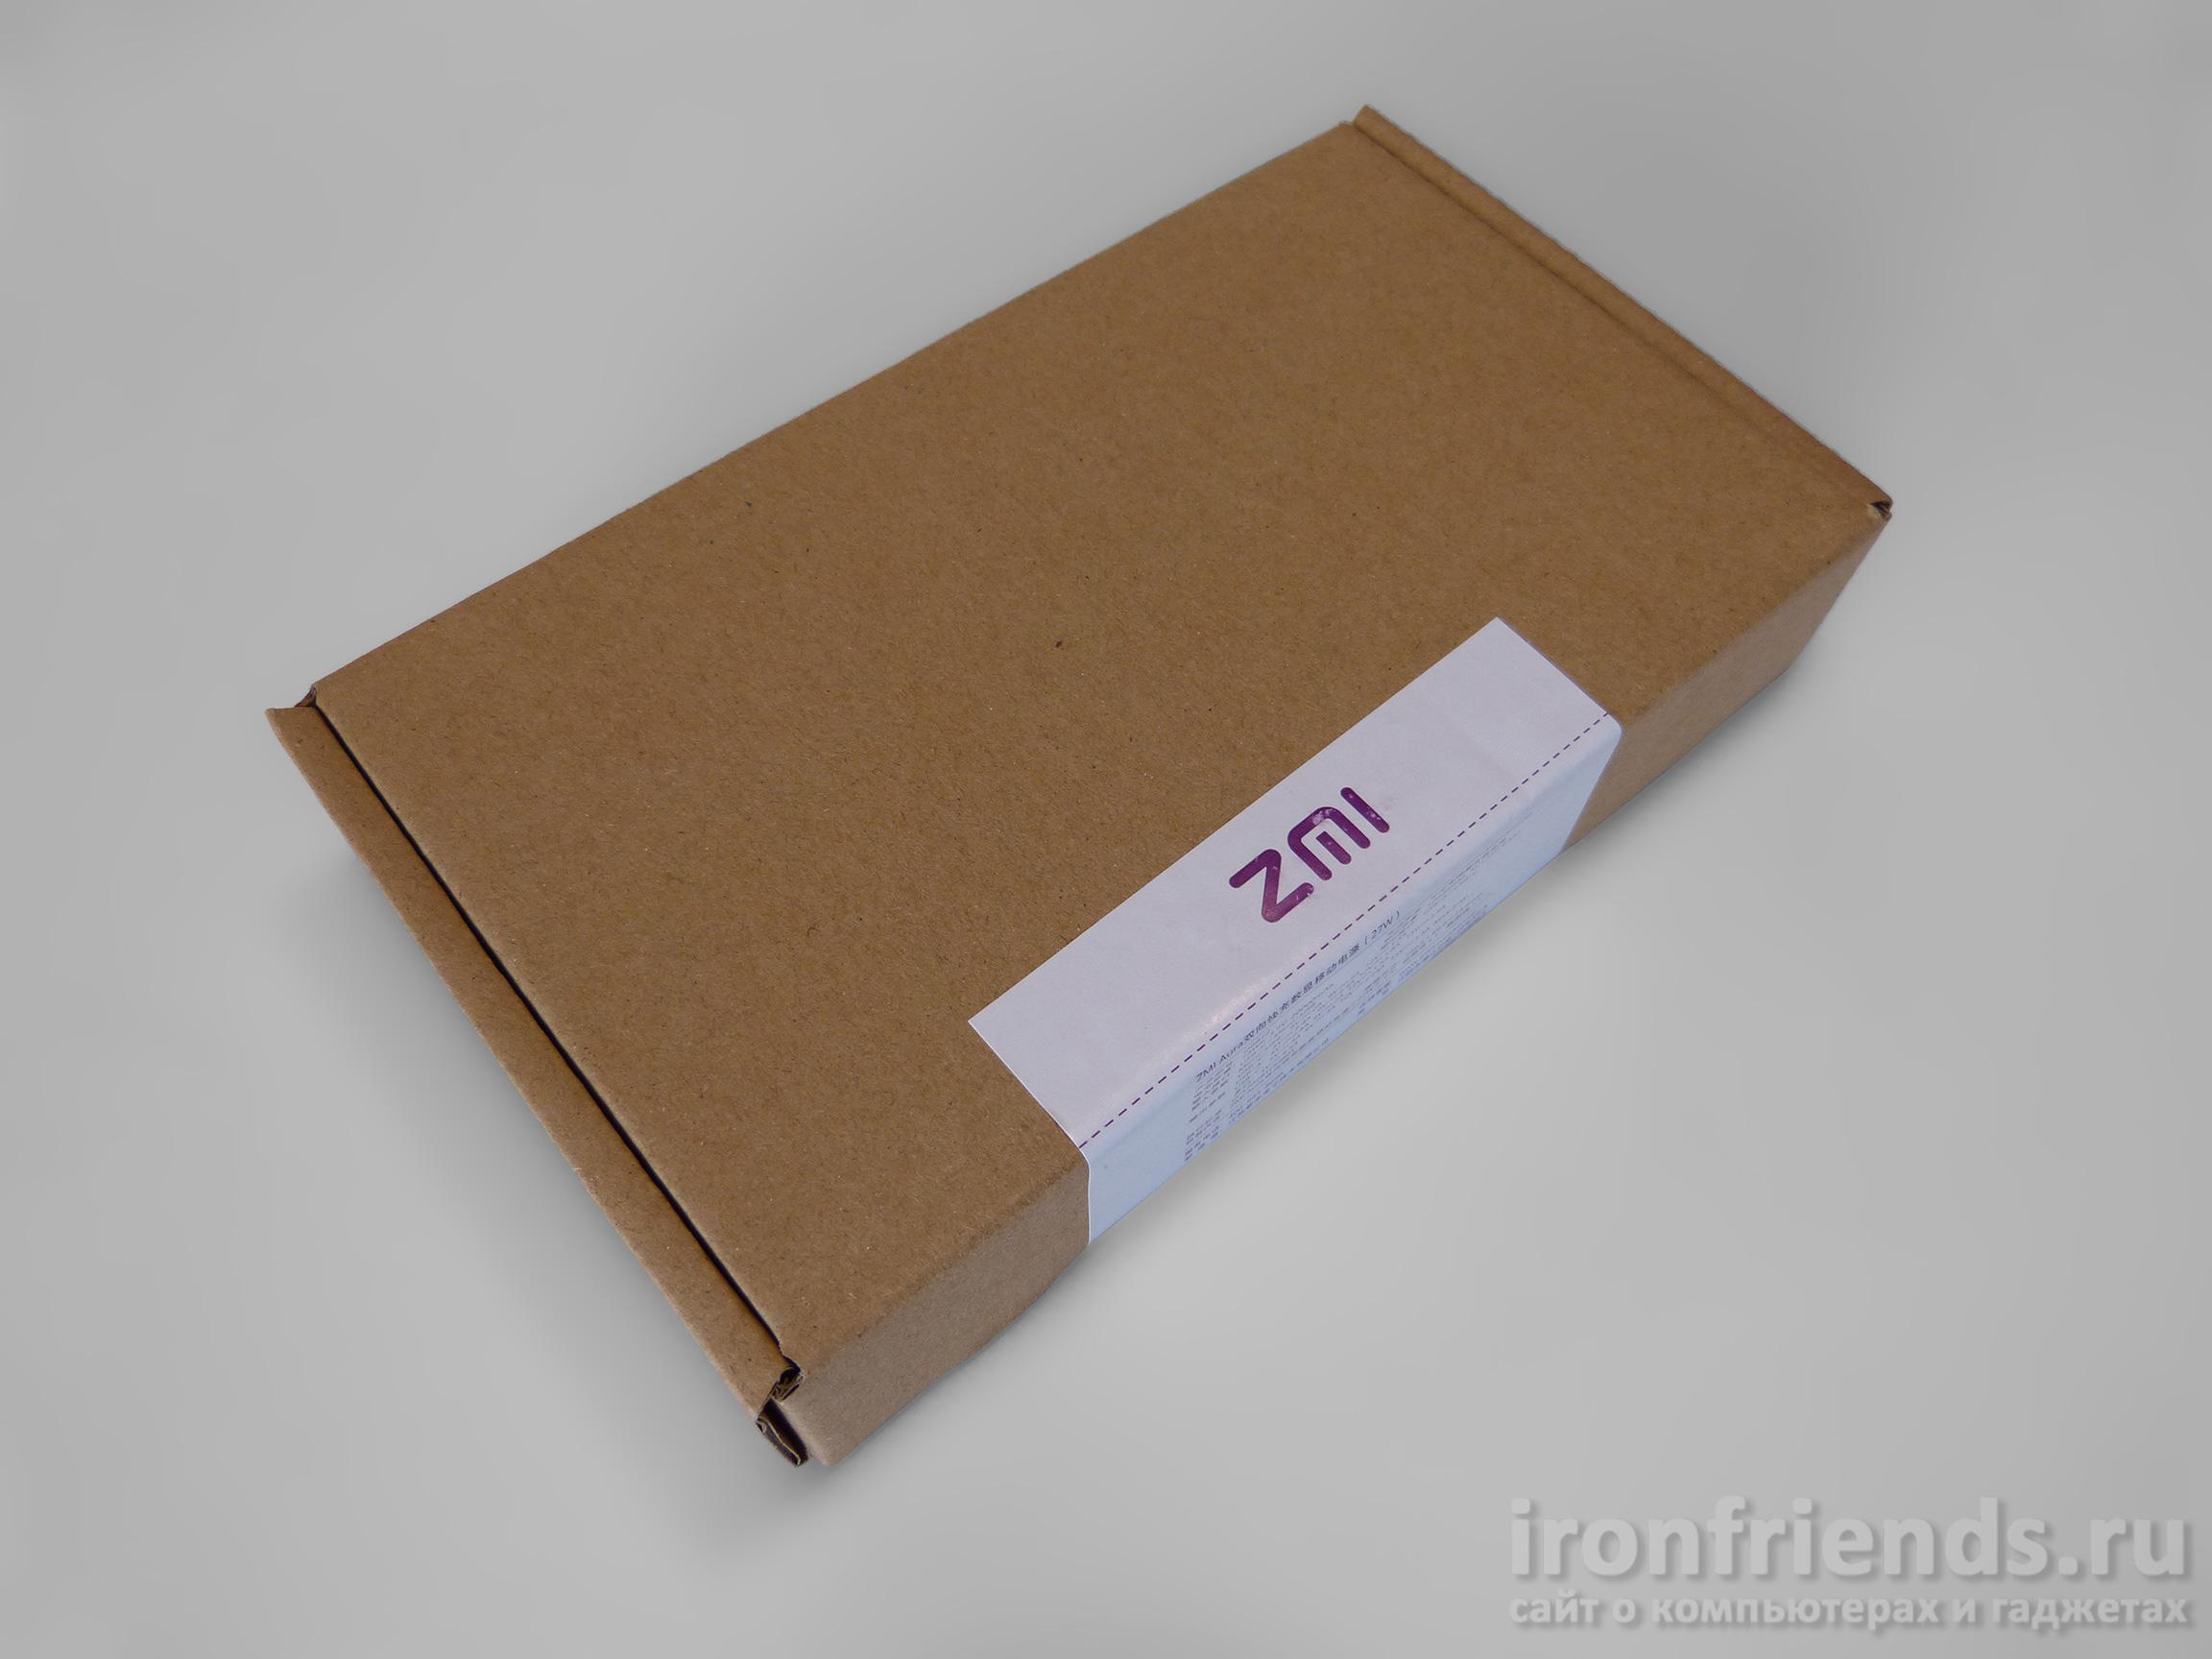 Наружная упаковка Xiaomi ZMi Aura 20000